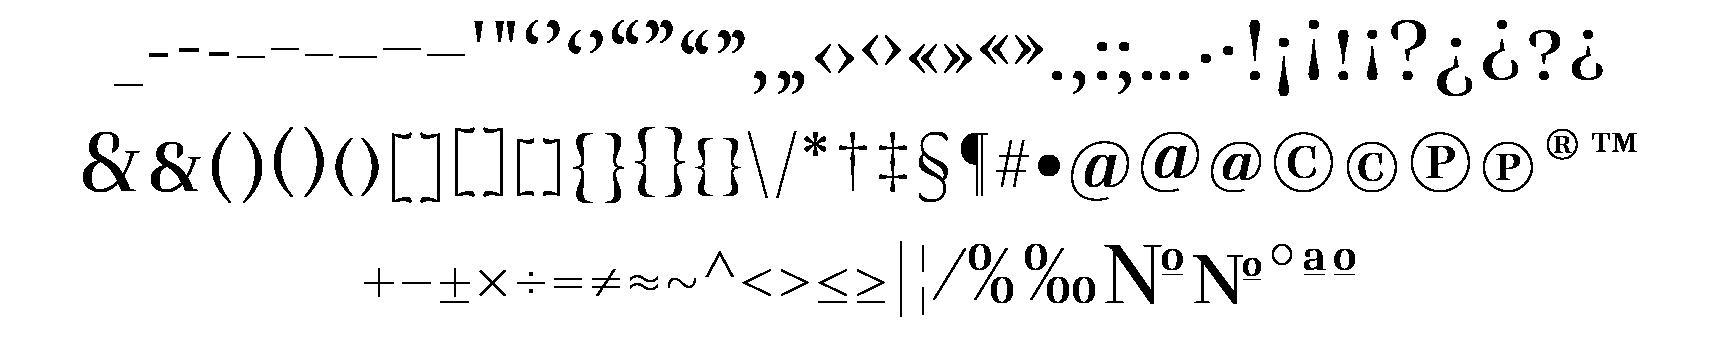 <p>Punctuation & symbols<br /></p> glyphs